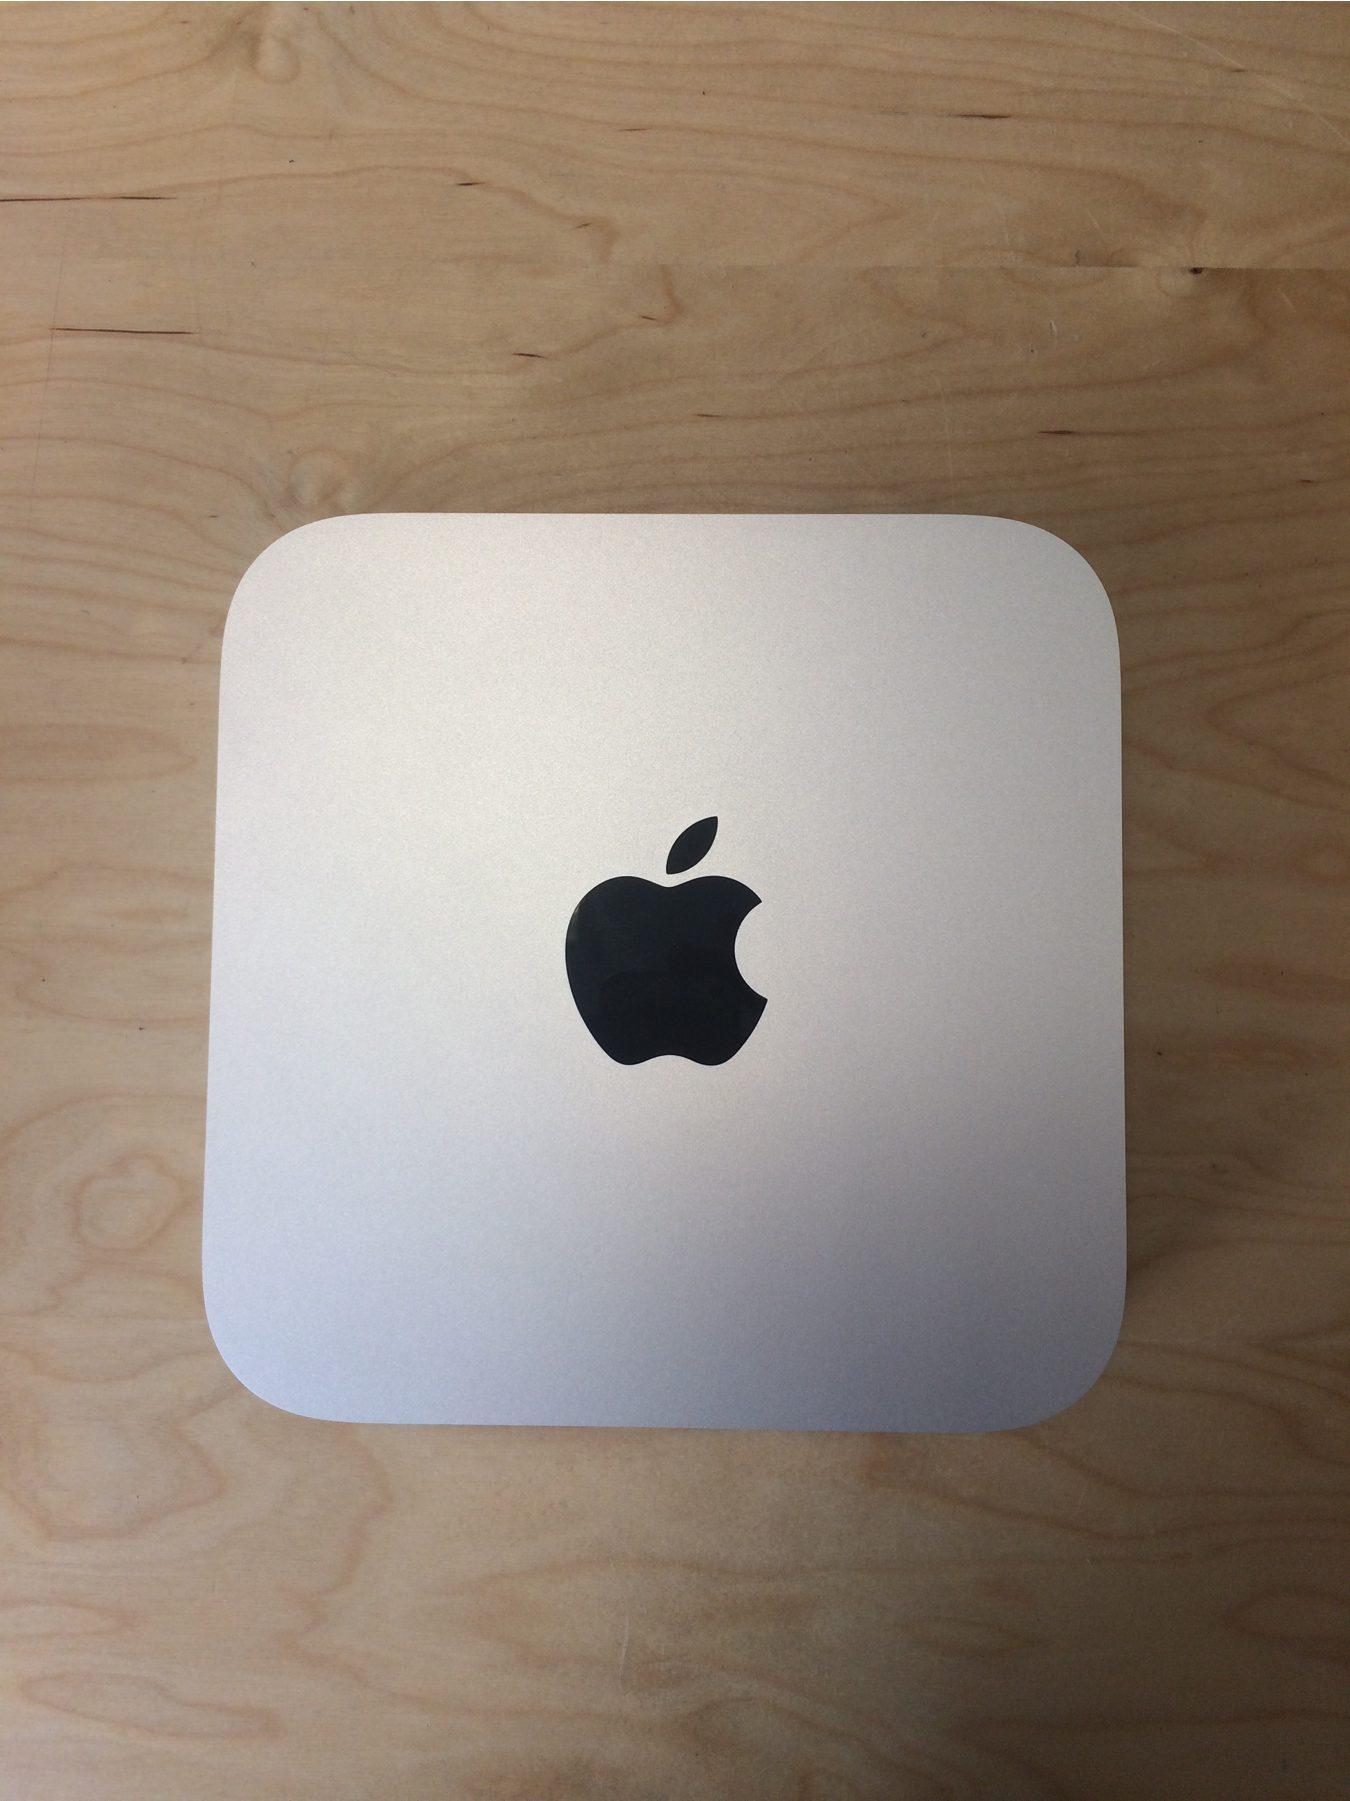 Mac Mini Late 2014 (Intel Core i5 2.6 GHz 8 GB RAM 1 TB HDD), 2.6 GHz Intel Core i5, 8GB 1600 MHz, 1TB HDD, obraz 3